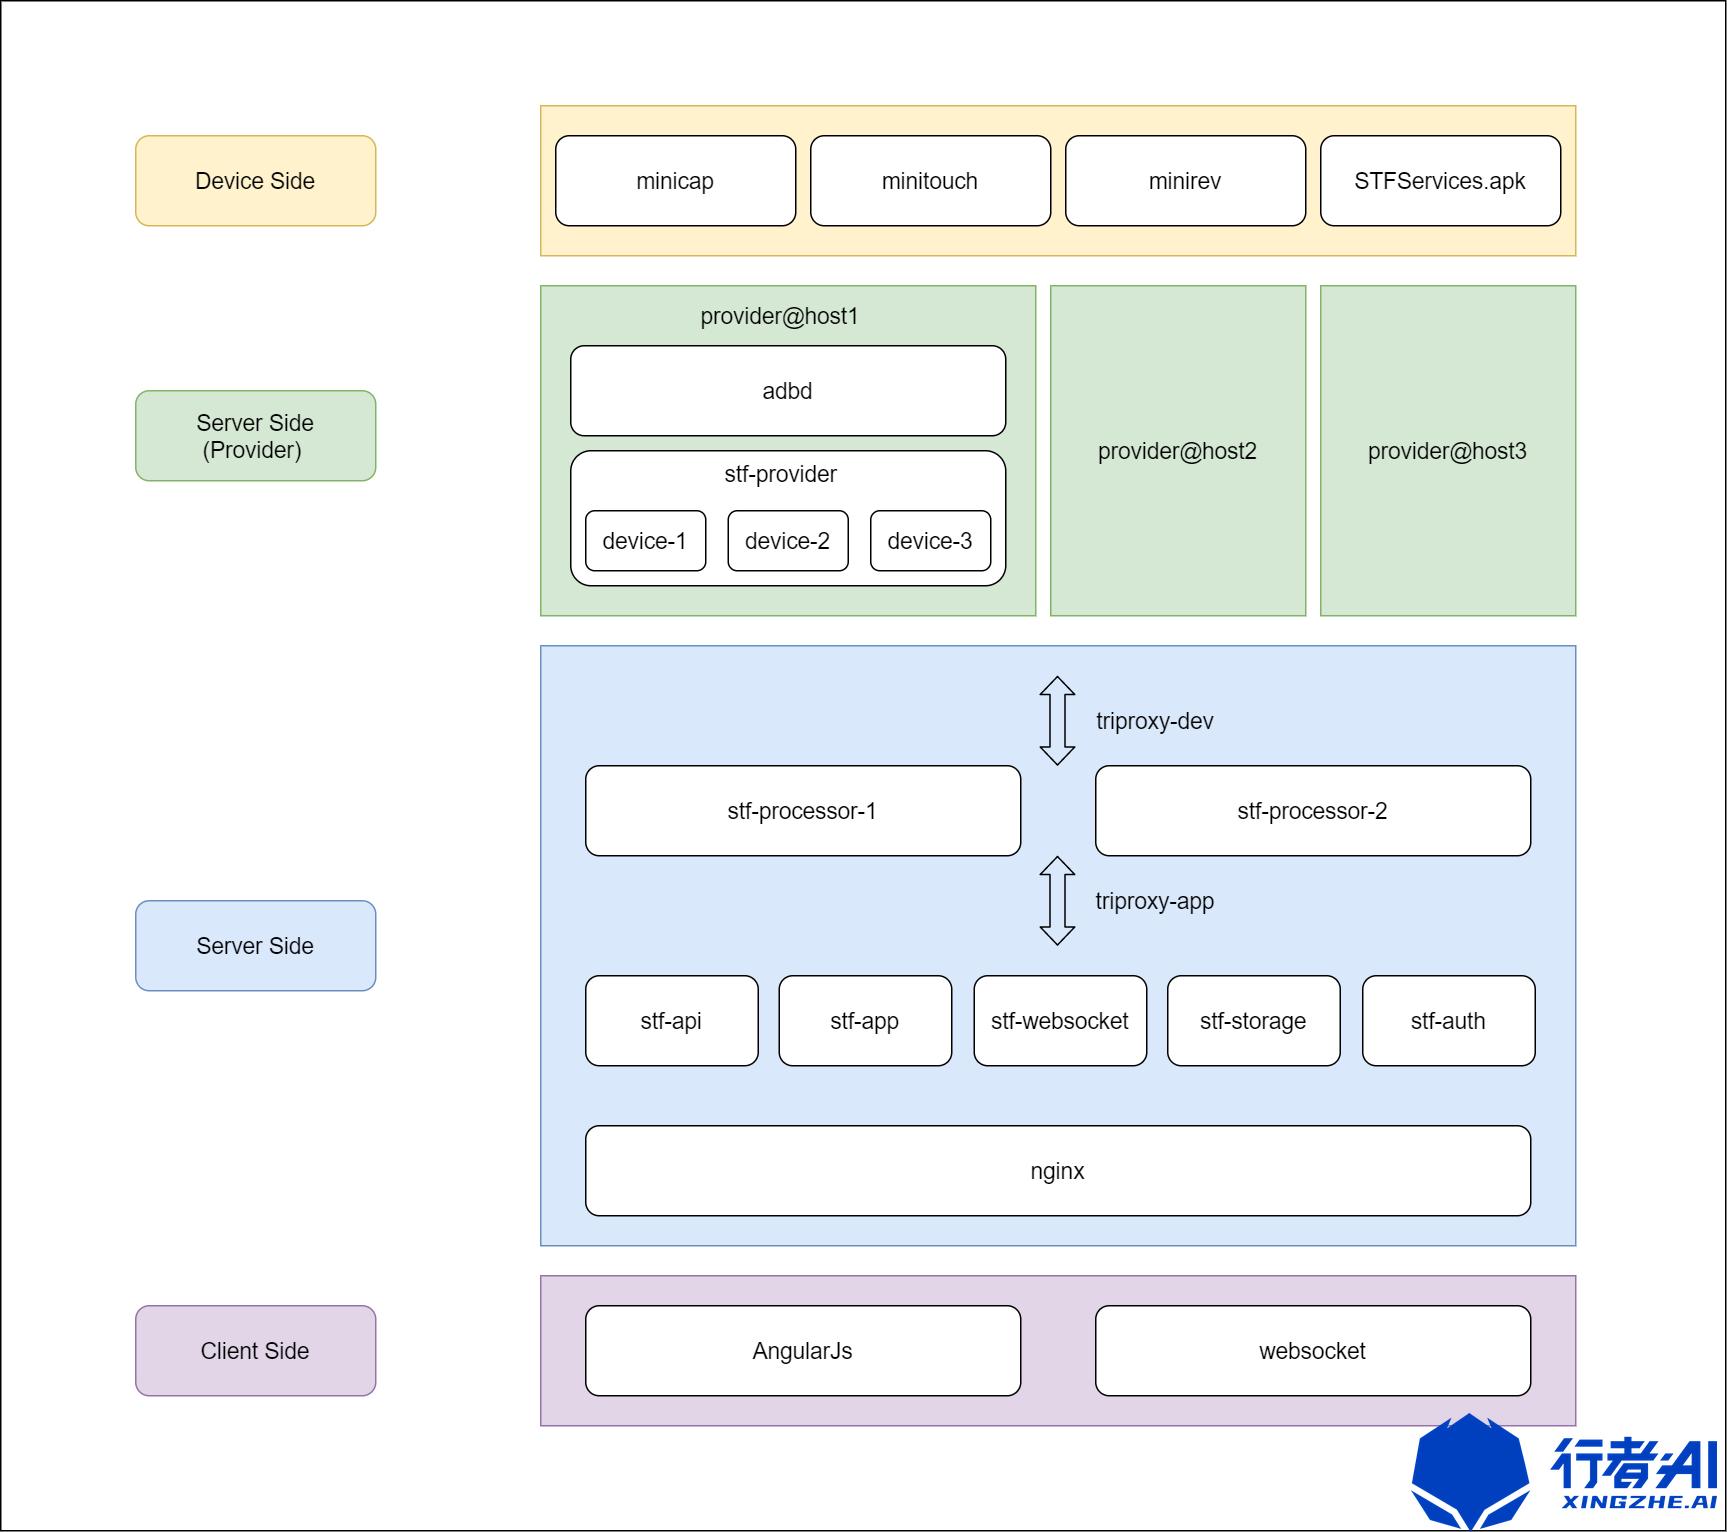 移动设备管理平台的搭建(基于STF/ATXServer2)